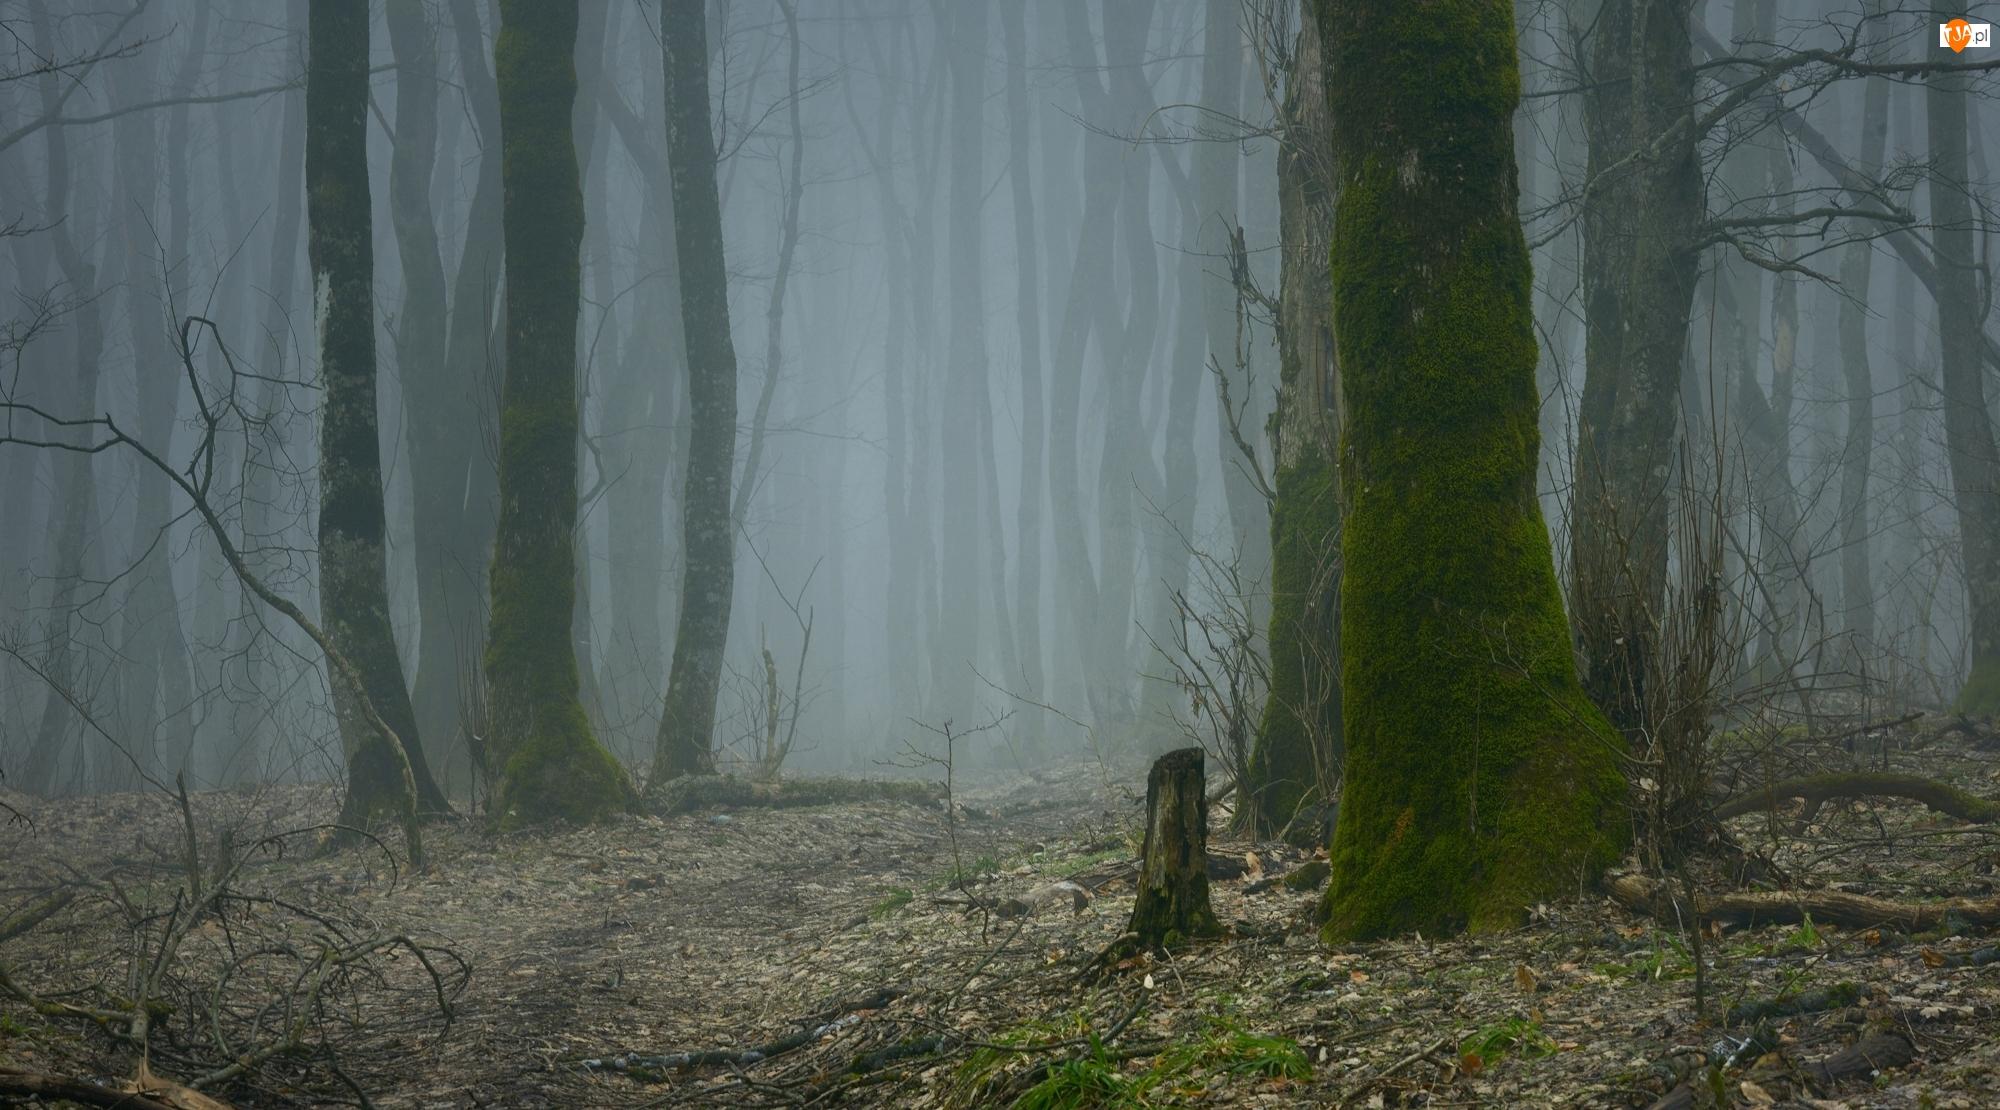 Las, Jesień, Omszałe, Mgła, Drzewa, Pnie